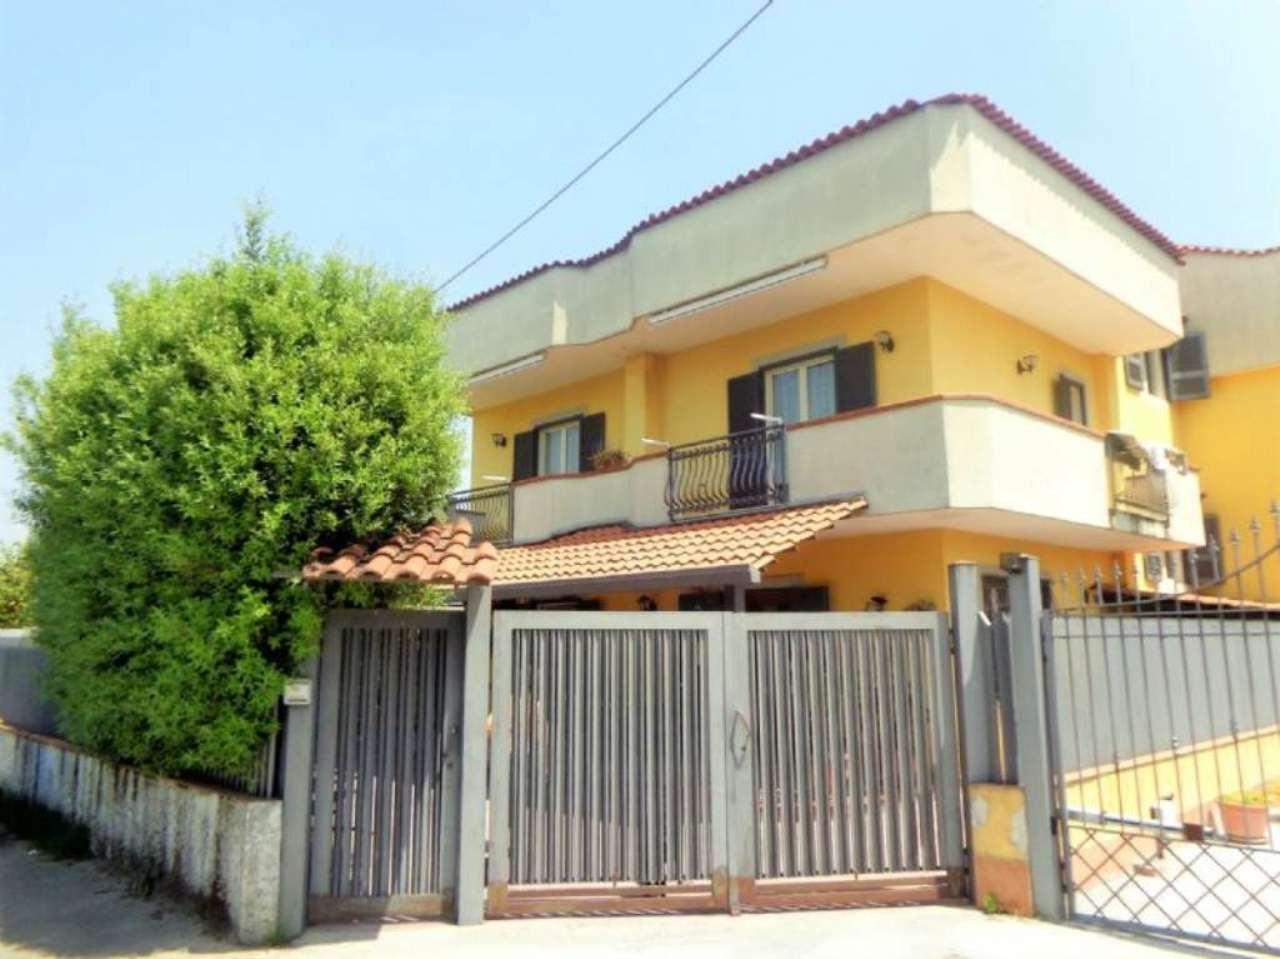 Villa Bifamiliare in vendita a Calvizzano, 4 locali, prezzo € 237.000 | Cambio Casa.it